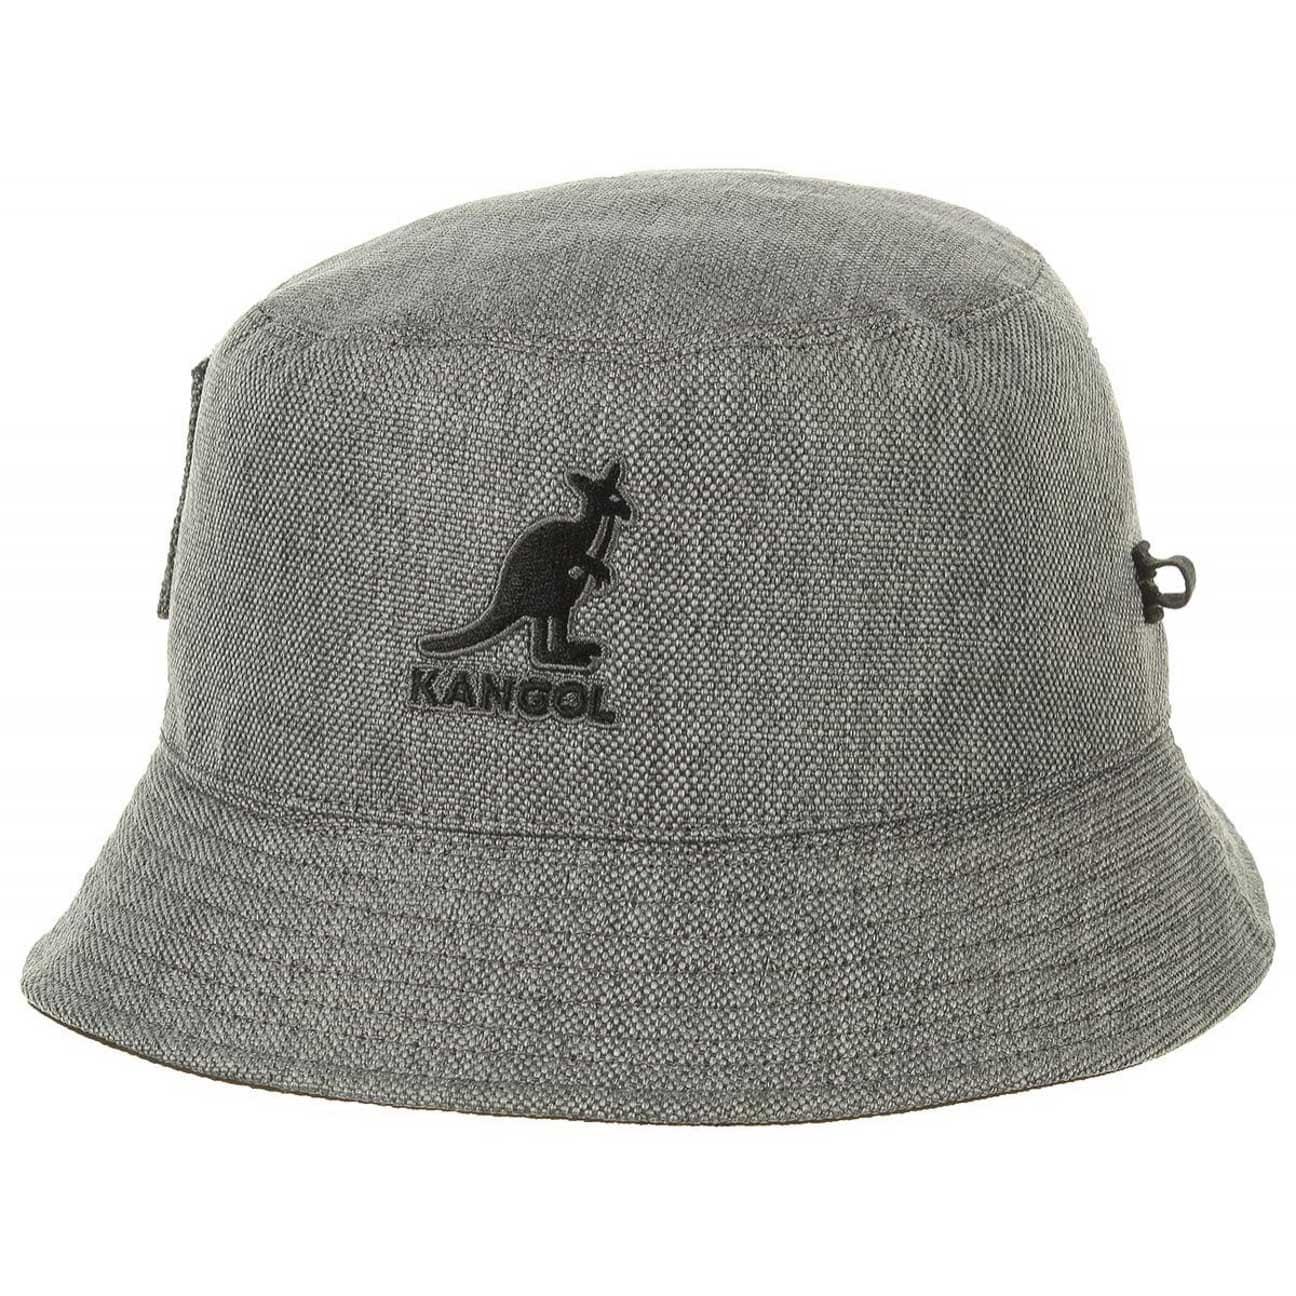 27a47b6c749d7 Sombrero de Pescador Bad Habit by Kangol - Sombreros - sombreroshop.es